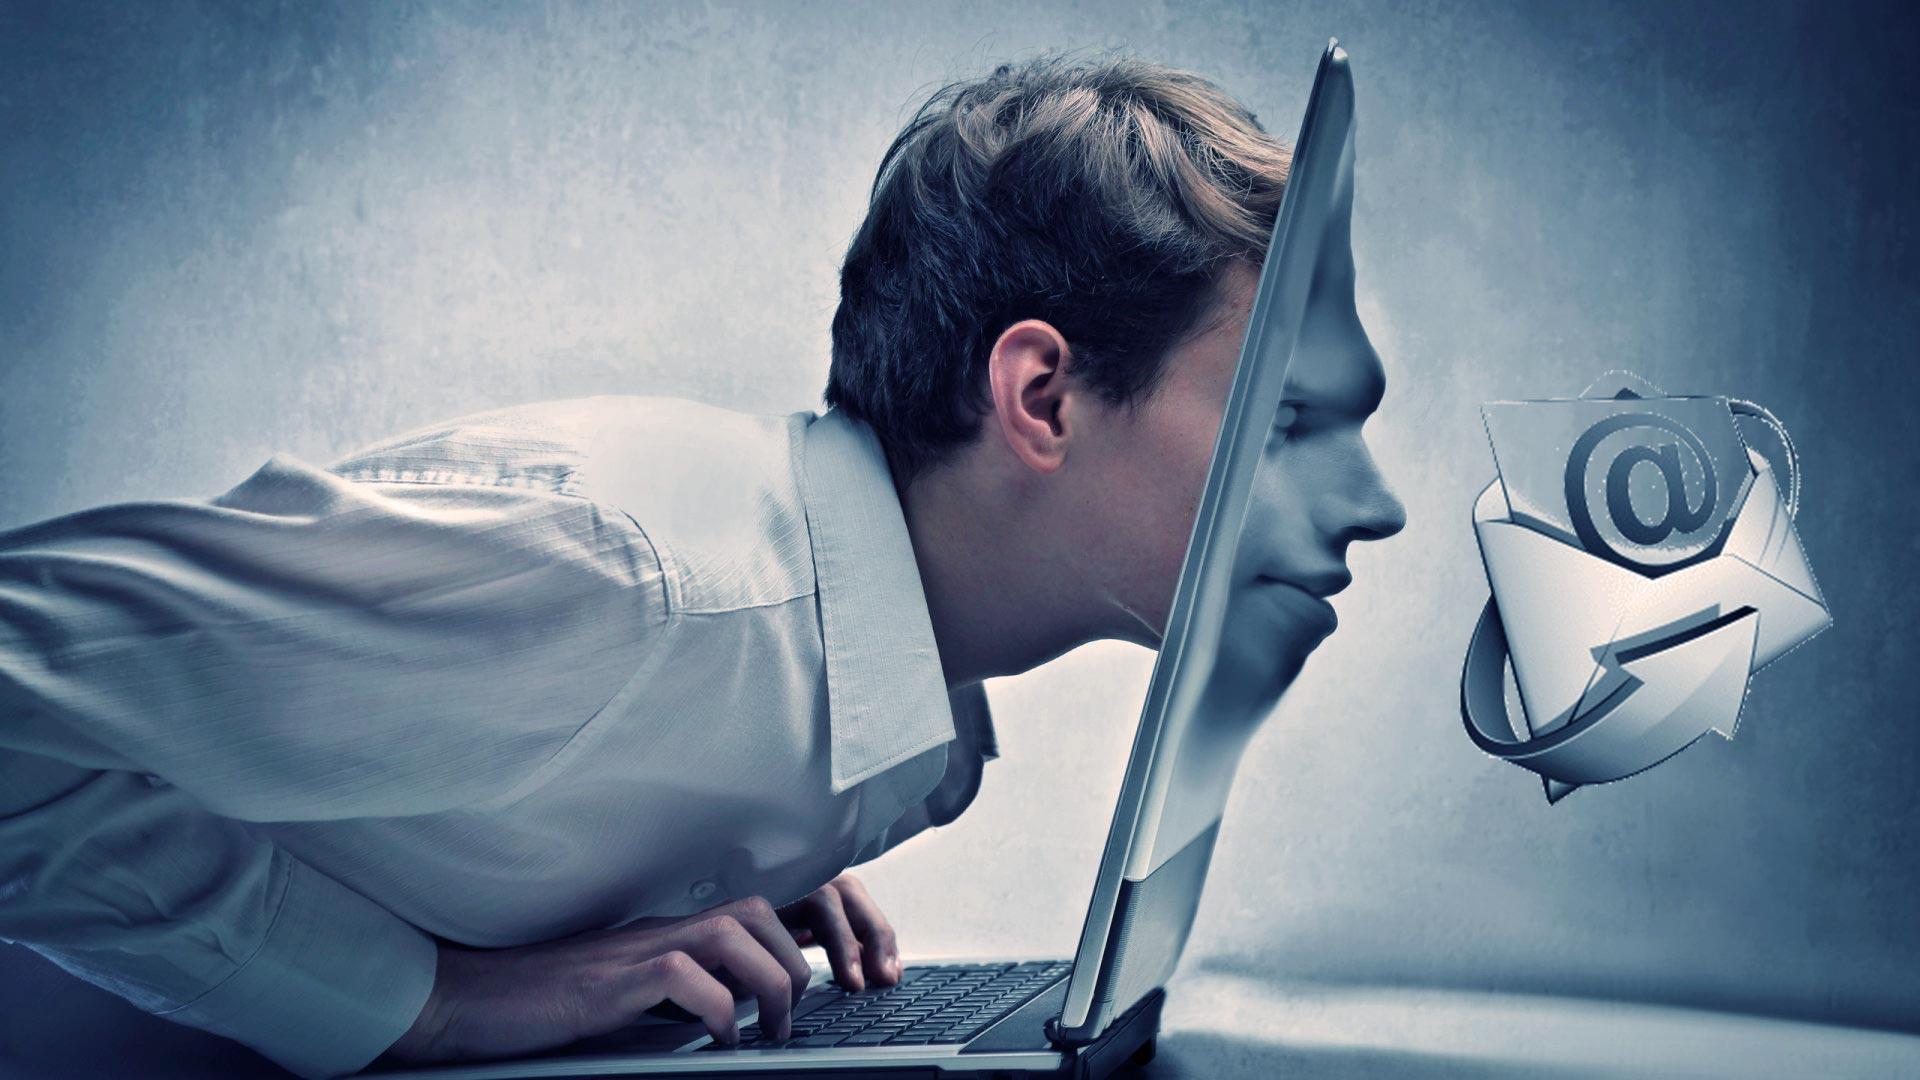 Recibir Alertas de Correo cuando Alguien Ingresa a su PC